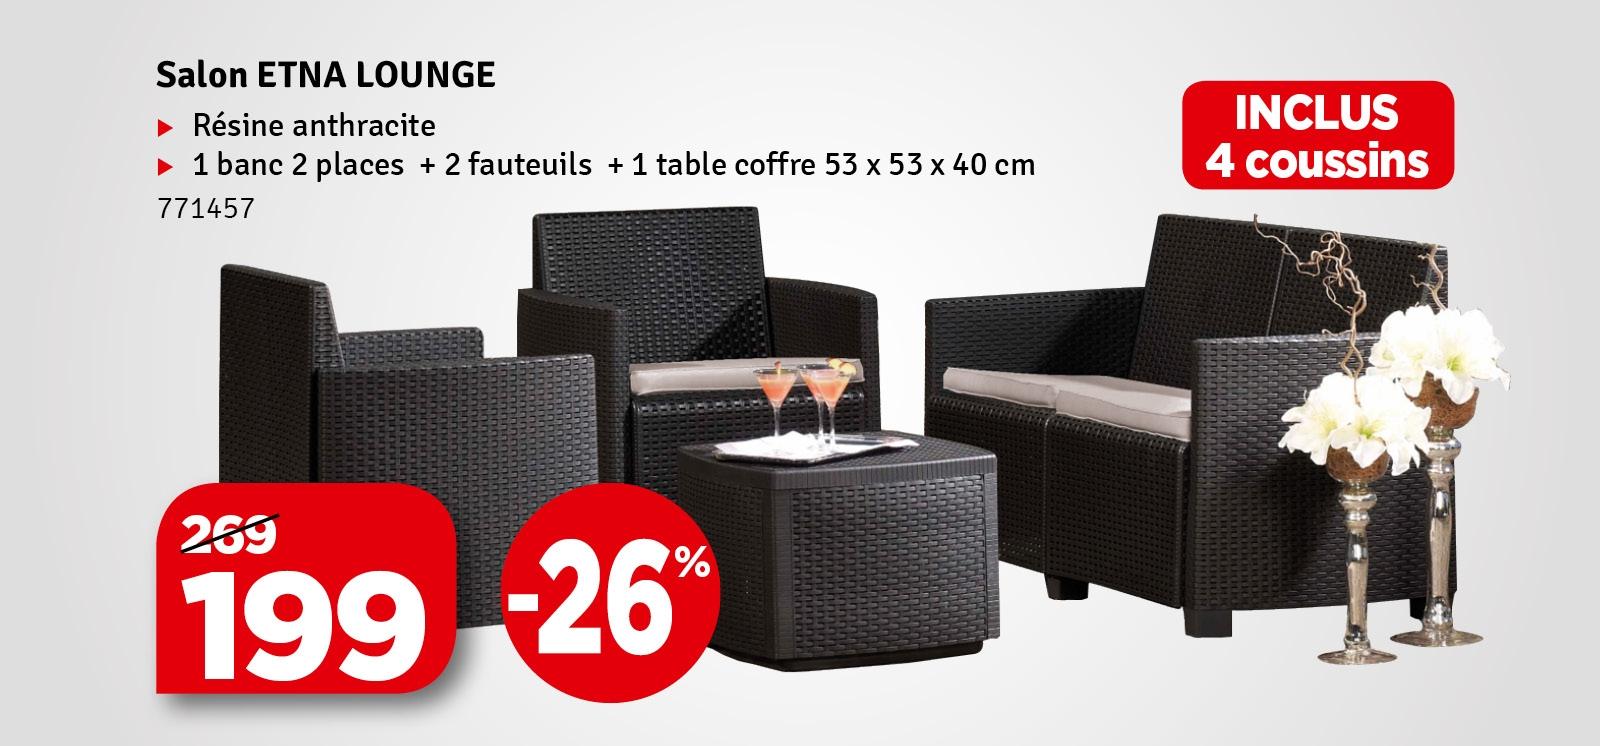 Promo - Salon de jardin Etna Lounge